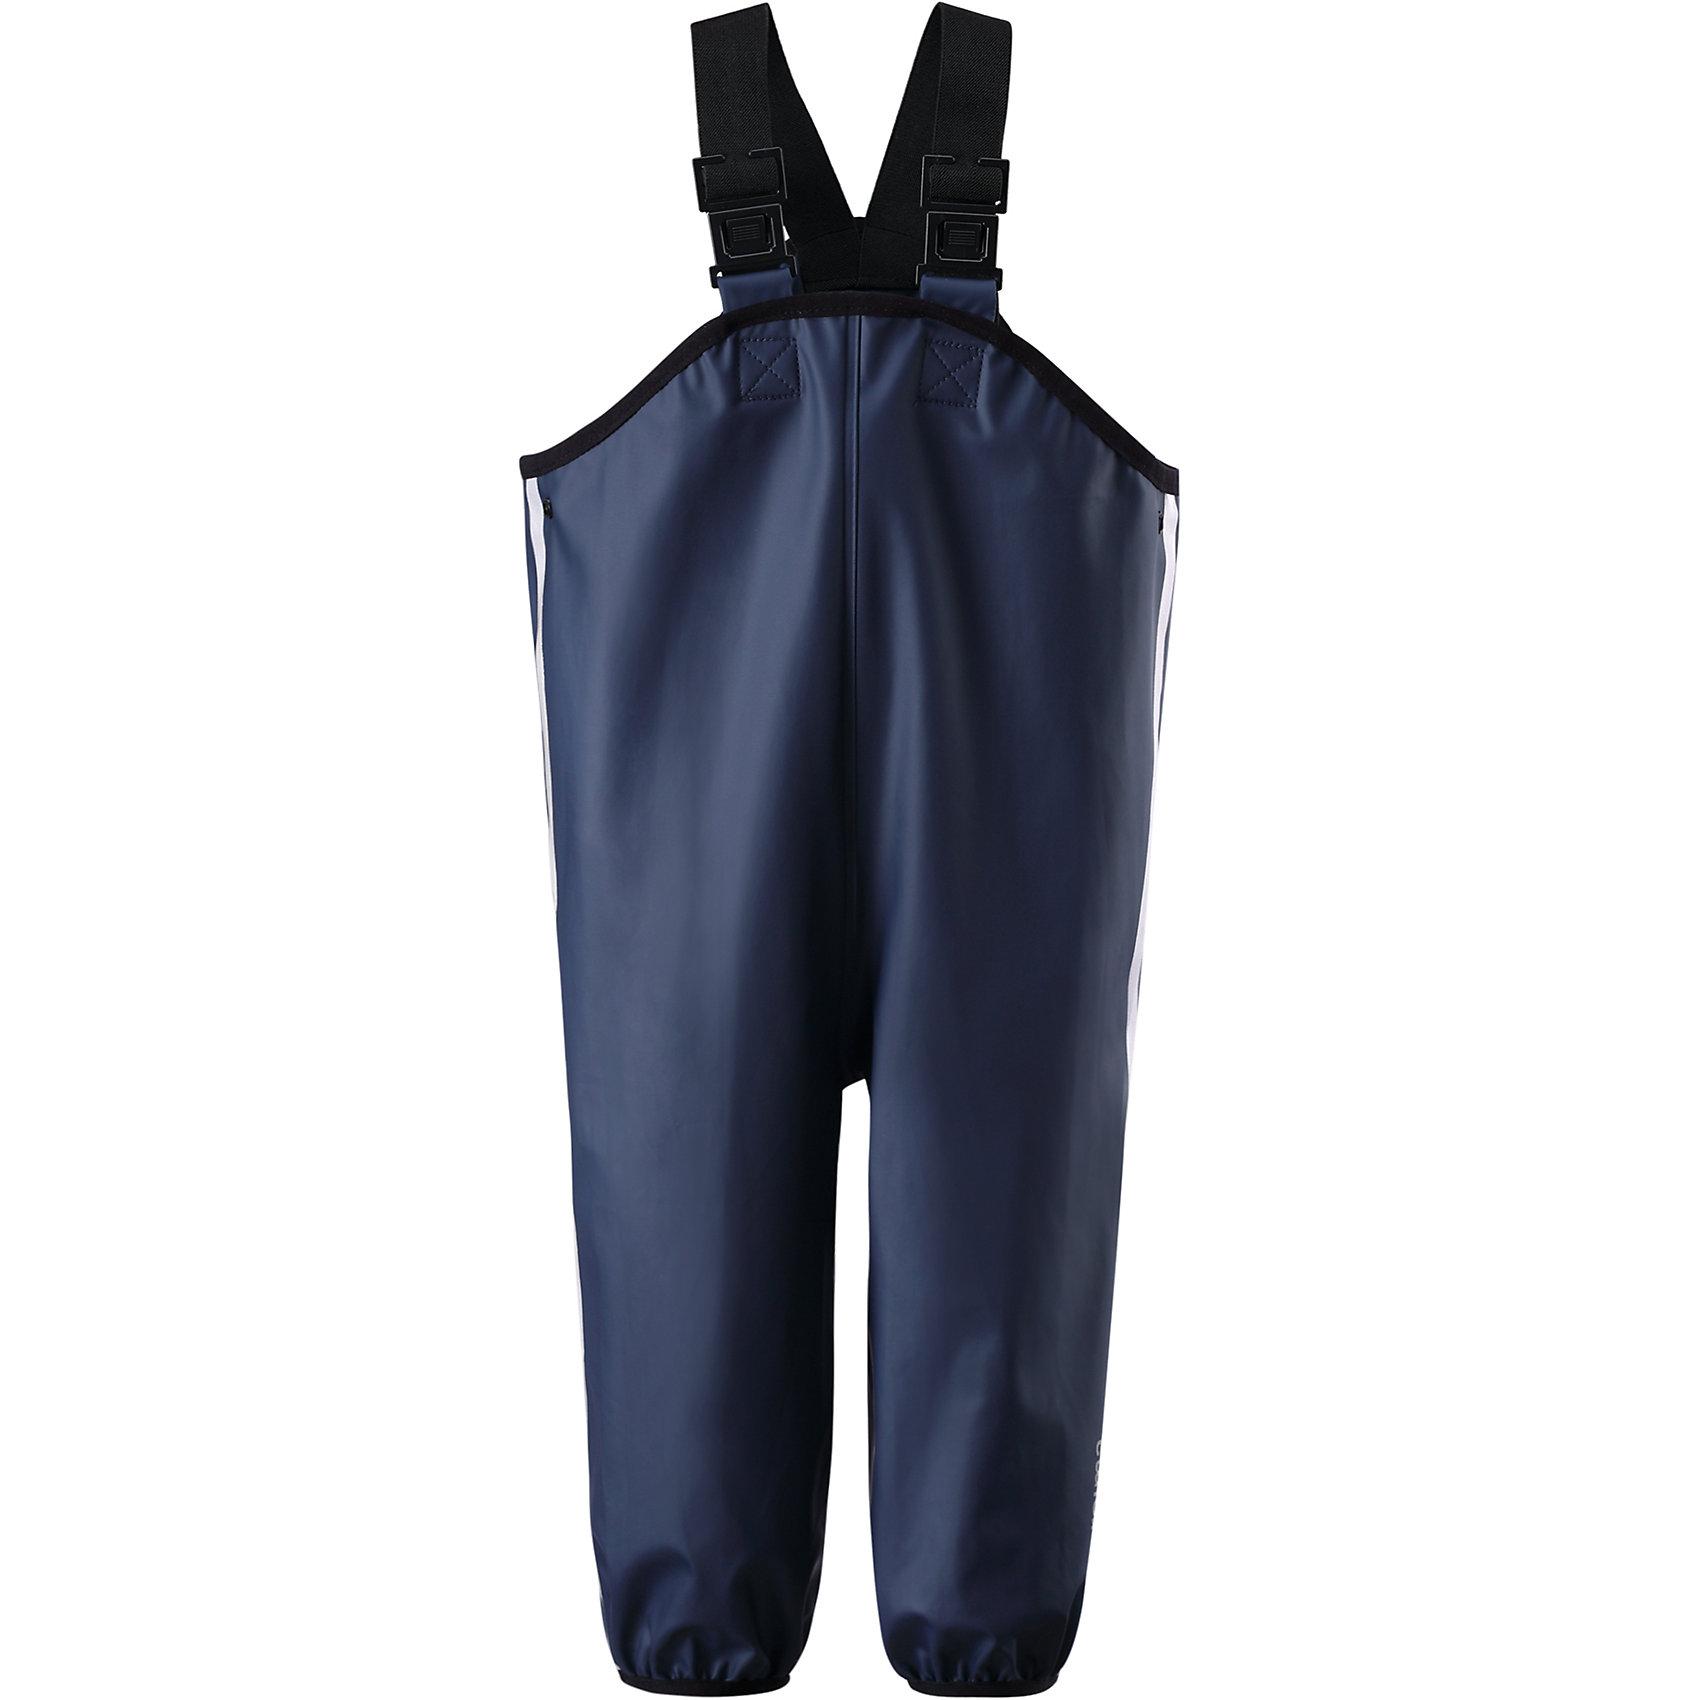 Брюки для мальчика ReimaМалыши и лужи - прекрасное сочетание! Но, только если есть надёжная защита. Эти классические брюки для дождливой погоды - беспроигрышный выбор. Они пошиты из эластичного ветронепроницаемого и отталкивающего грязь материала. Брюки очень прочные и не твердеют на морозе, поэтому их можно носить круглый год. Благодаря запаянным швам брюки полностью водонепроницаемы. Удобные эластичные подтяжки поддерживают брюки во время активных игр, а штрипки удерживают брючину на месте, закрывая голенище резиновых сапог. Без подкладки<br><br>Дополнительная информация:<br><br>Брюки для дождливой погоды для малышей и детей постарше<br>Эластичный, но прочный материал<br>Водонепроницаемые запаянные швы<br>Эластичные регулируемые подтяжки<br>Съёмные штрипки<br>Светоотражающие детали для безопасности<br><br>Брюки для мальчика Reima (Рейма) можно купить в нашем магазине.<br><br>Ширина мм: 215<br>Глубина мм: 88<br>Высота мм: 191<br>Вес г: 336<br>Цвет: темно-синий<br>Возраст от месяцев: 60<br>Возраст до месяцев: 72<br>Пол: Унисекс<br>Возраст: Детский<br>Размер: 80,110,116,92,74,98,104,122,128,86<br>SKU: 4412908